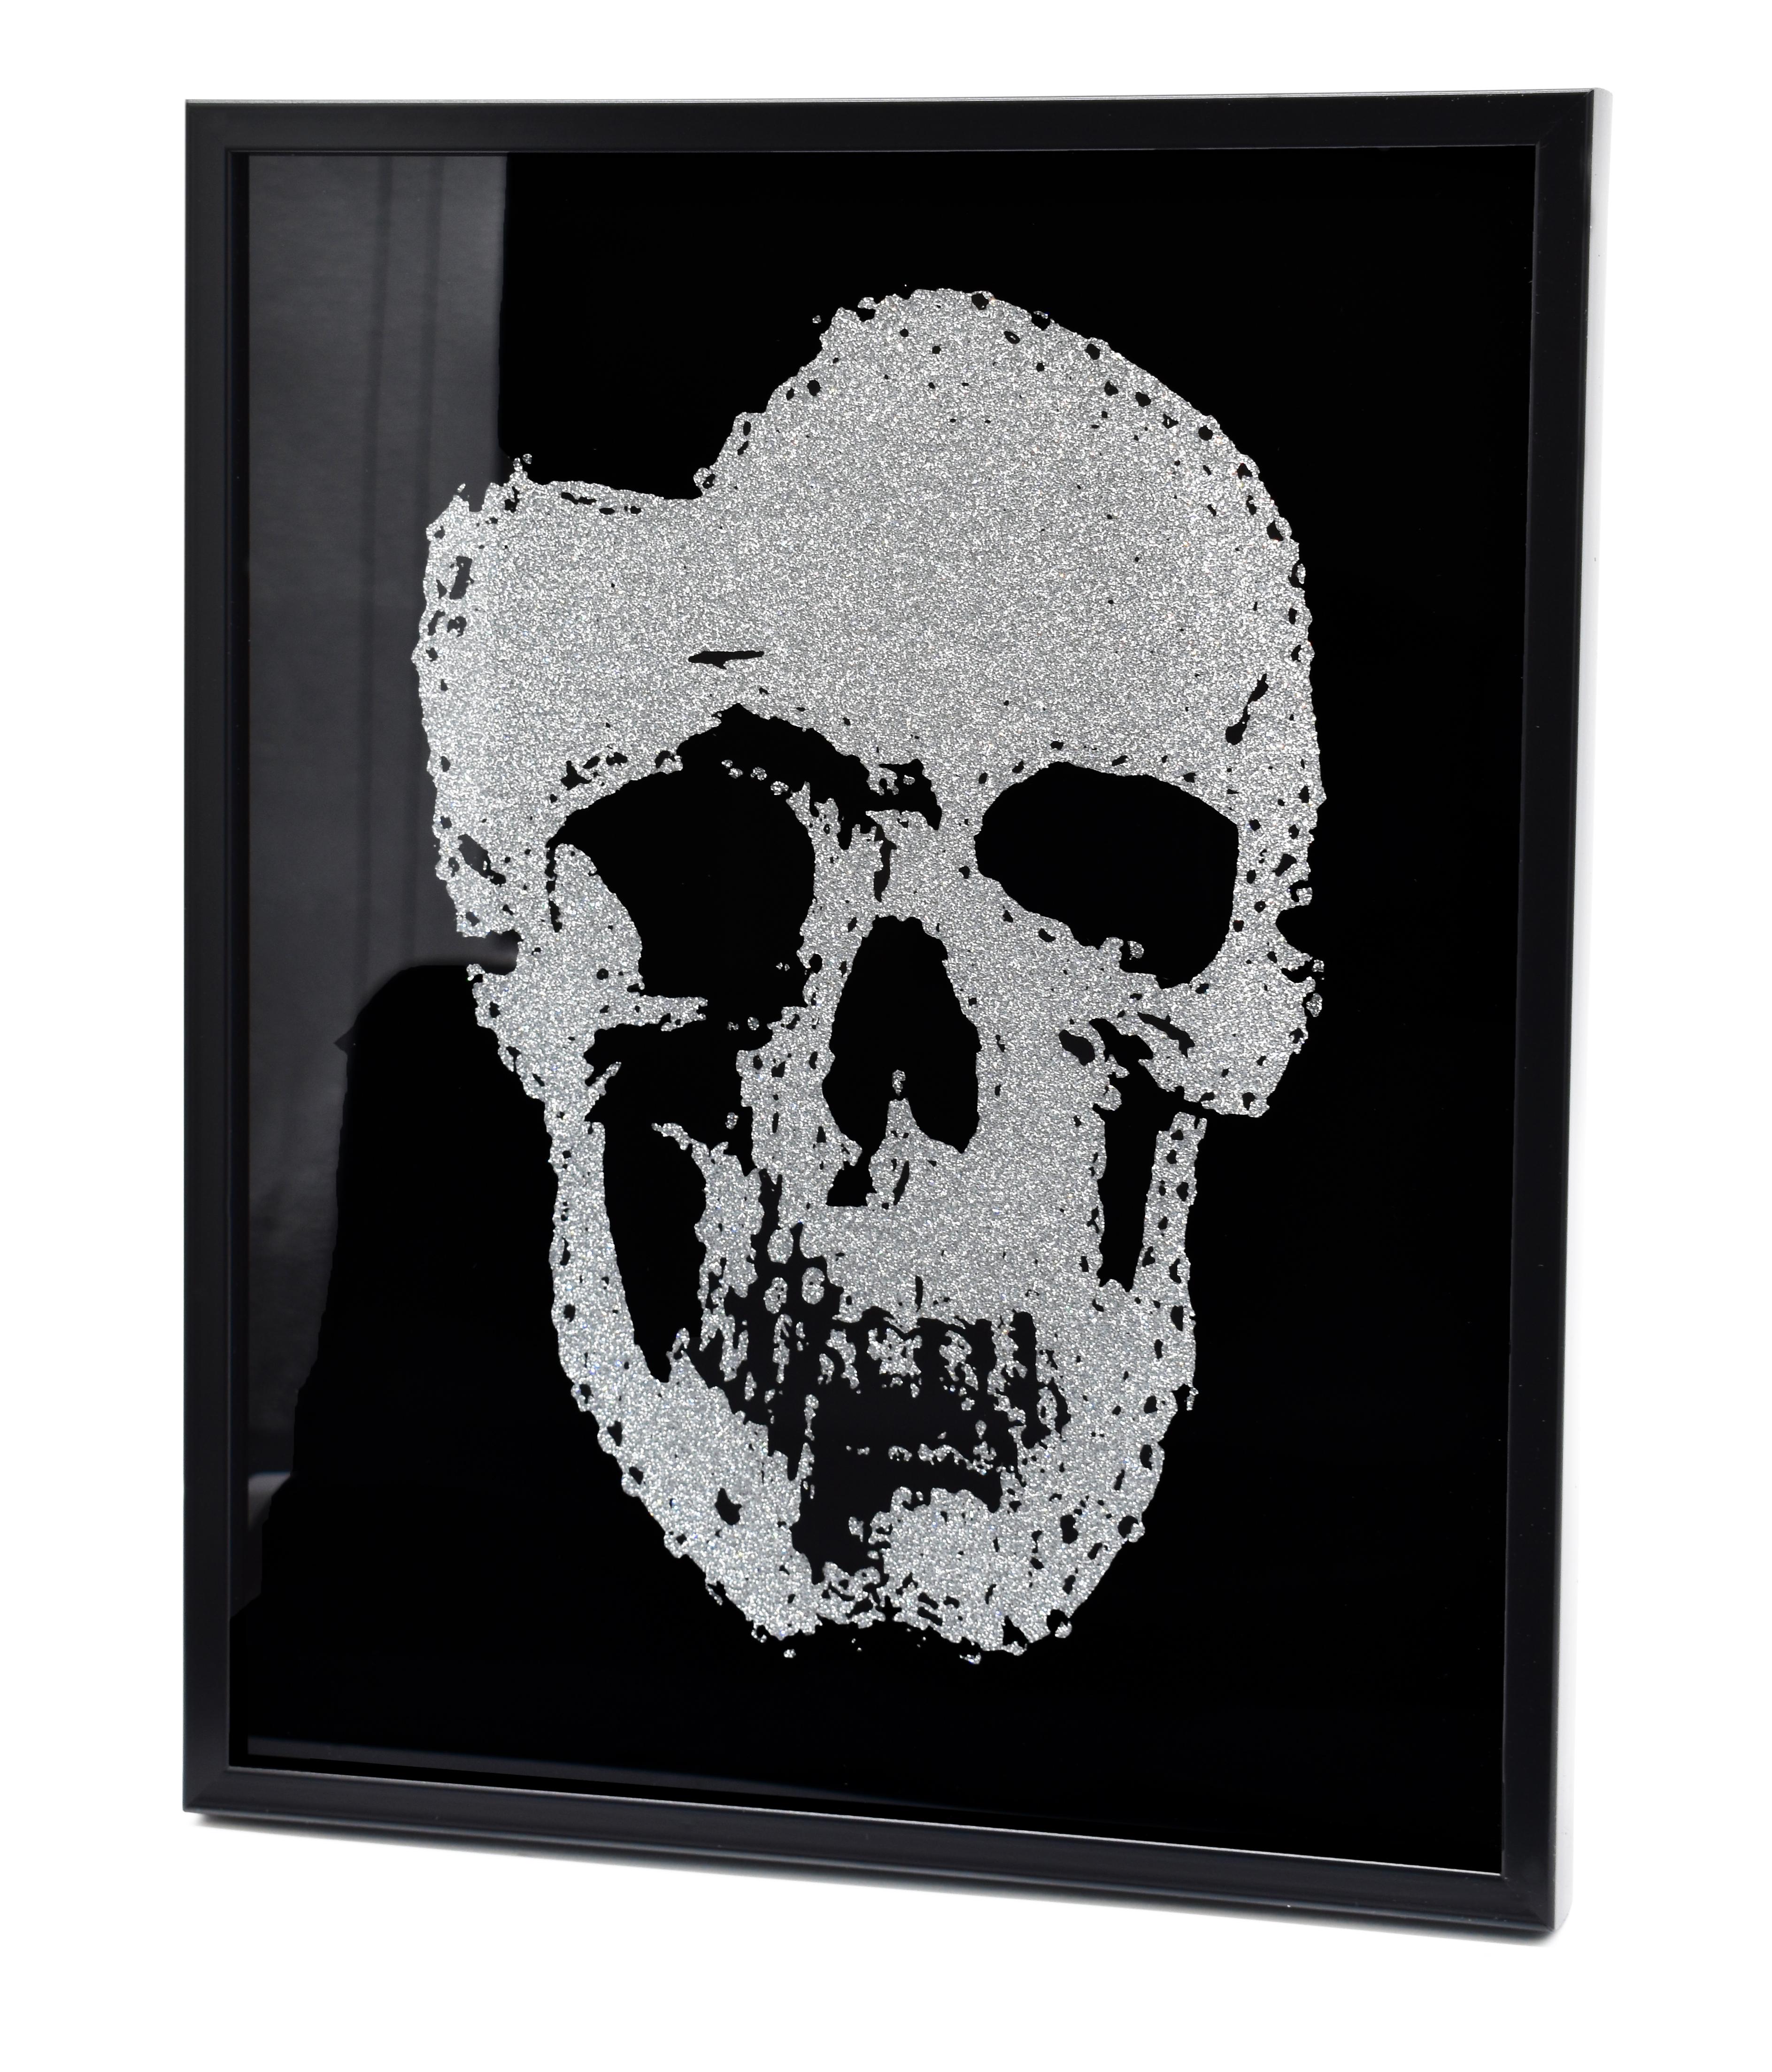 Wandbild Totenkopf Glitzer 50x40cm Glasbild Wandbild Skull Schwarz Deko